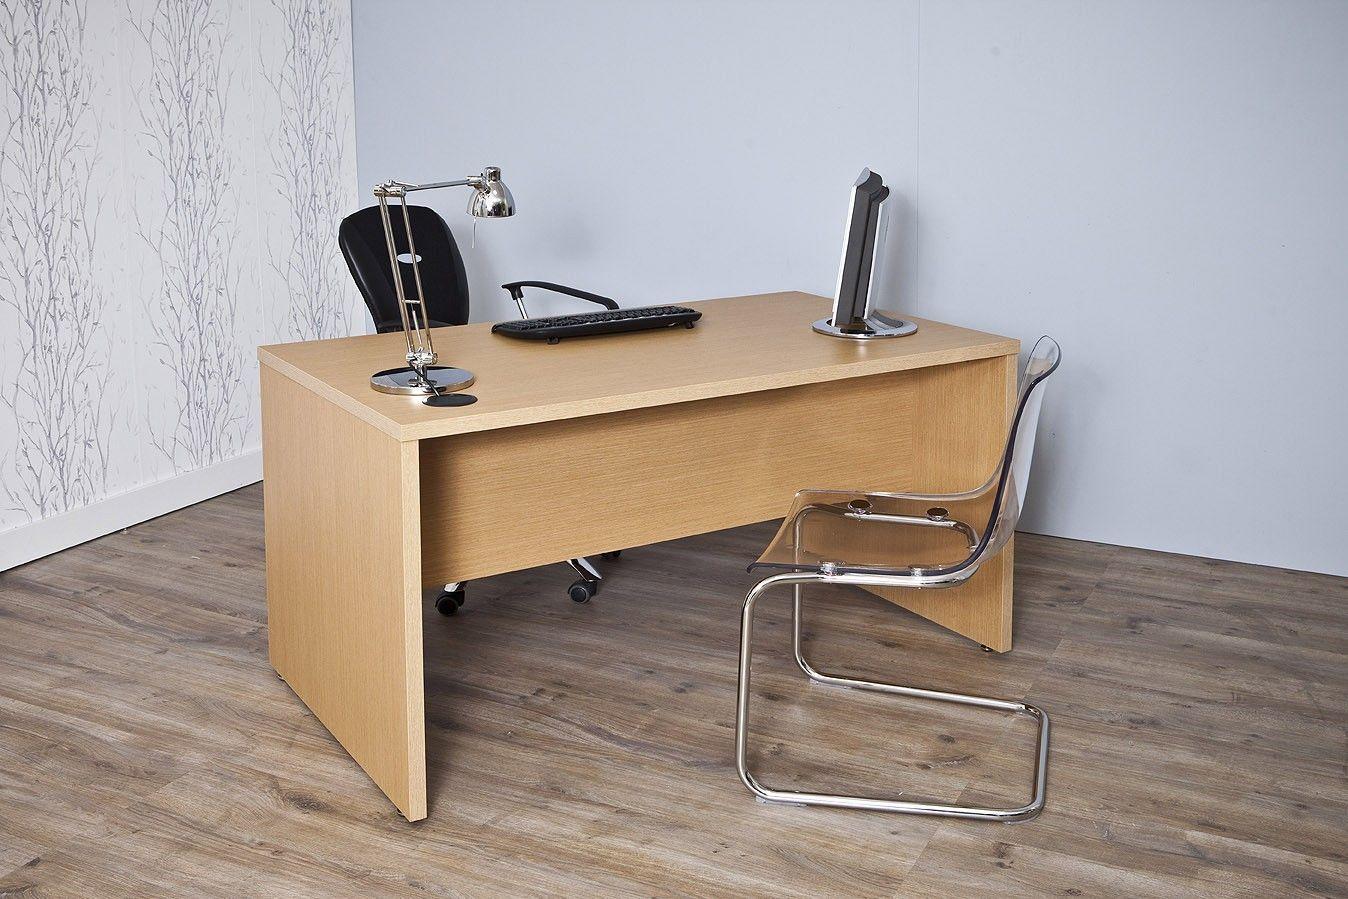 Mesas Despacho Baratas | Mesas y Escritorios Despacho Modernos - Topkit